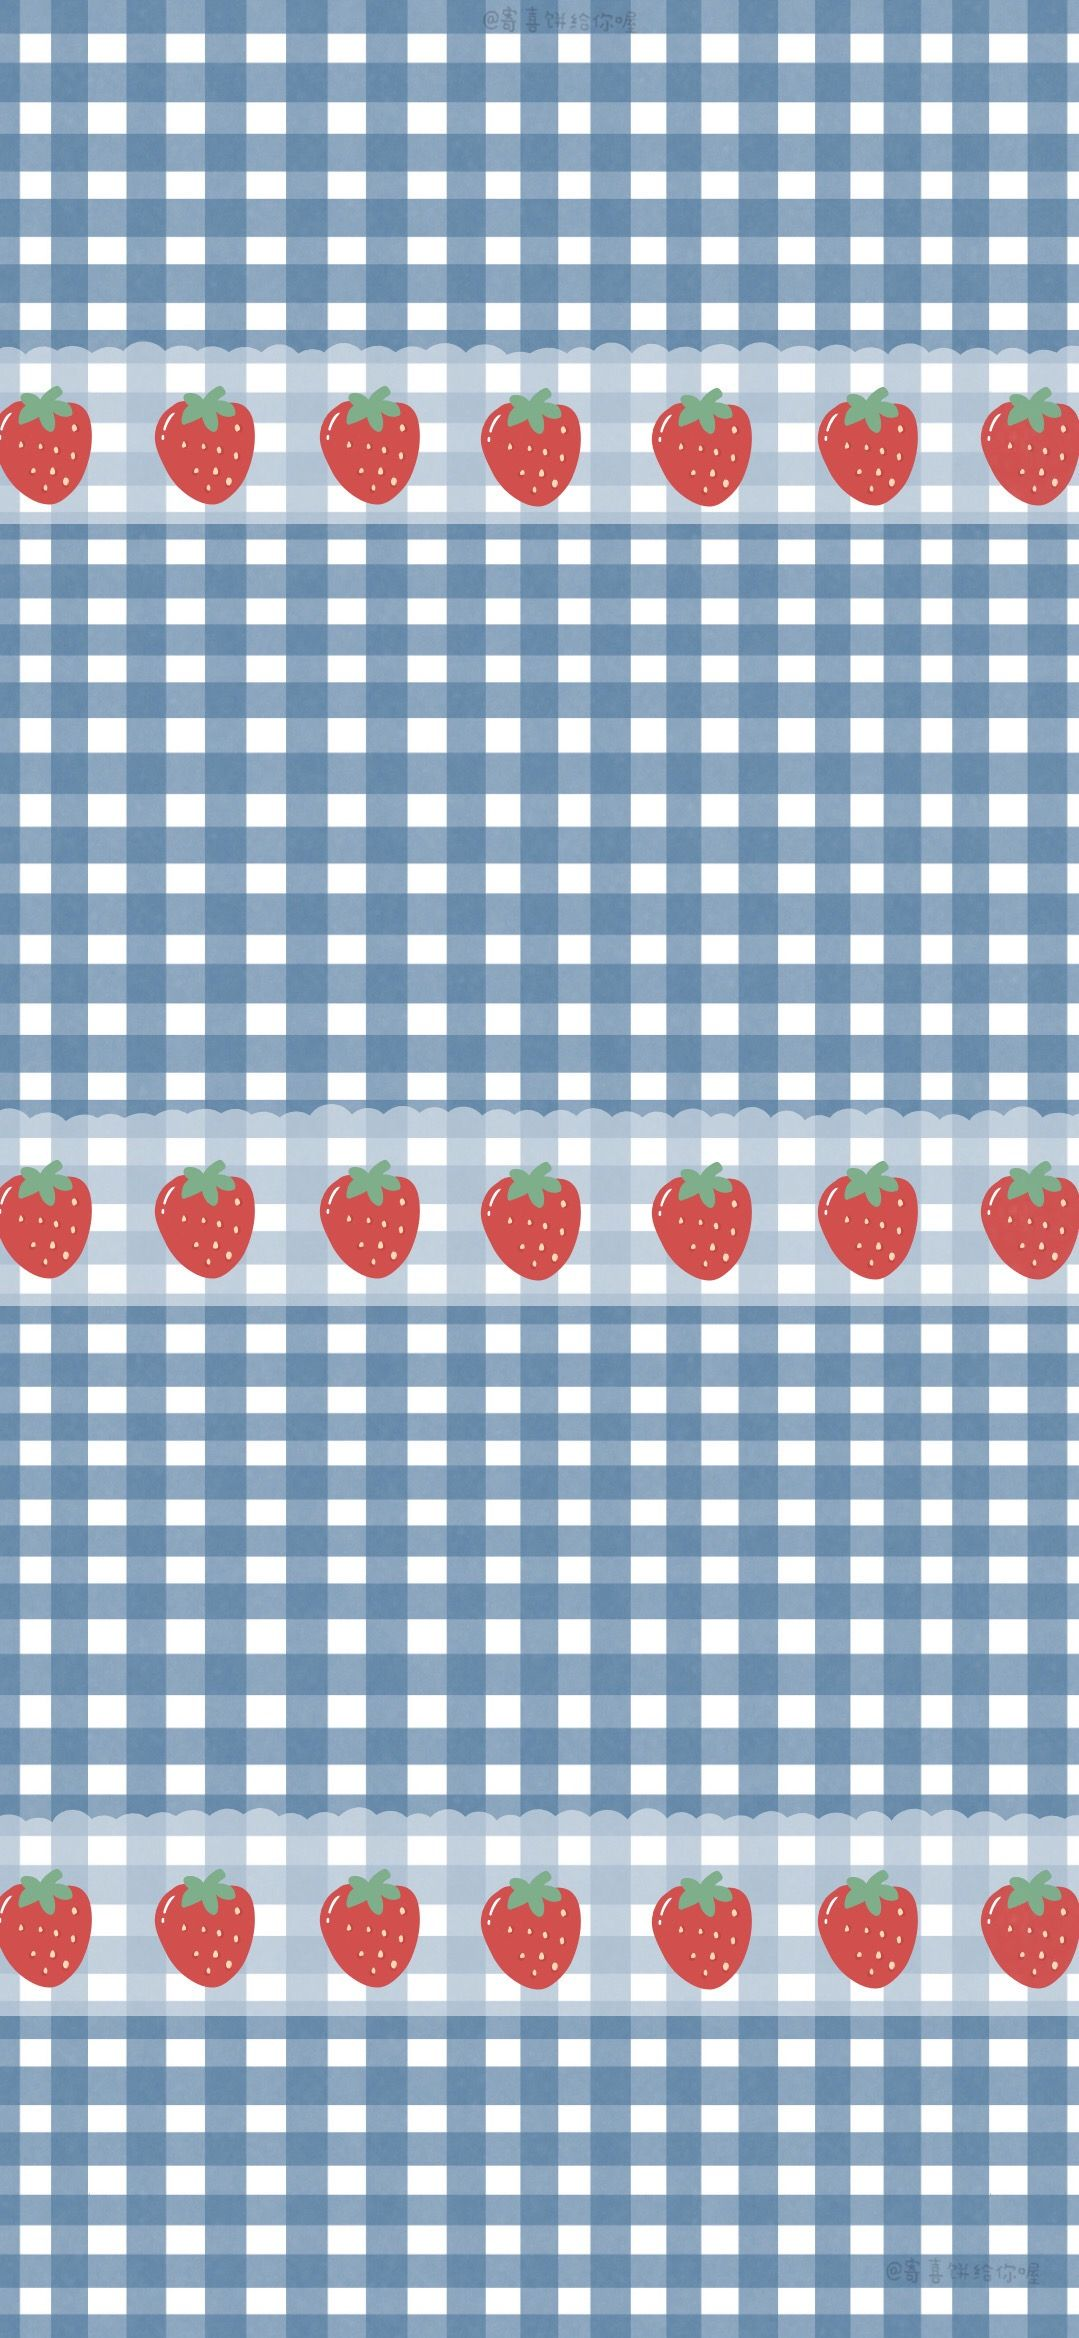 Pin Oleh Beepee Store Di Aesthetic Background Wallpaper Di 2020 Desain Pamflet Ilustrasi Kartun Wallpaper Ponsel